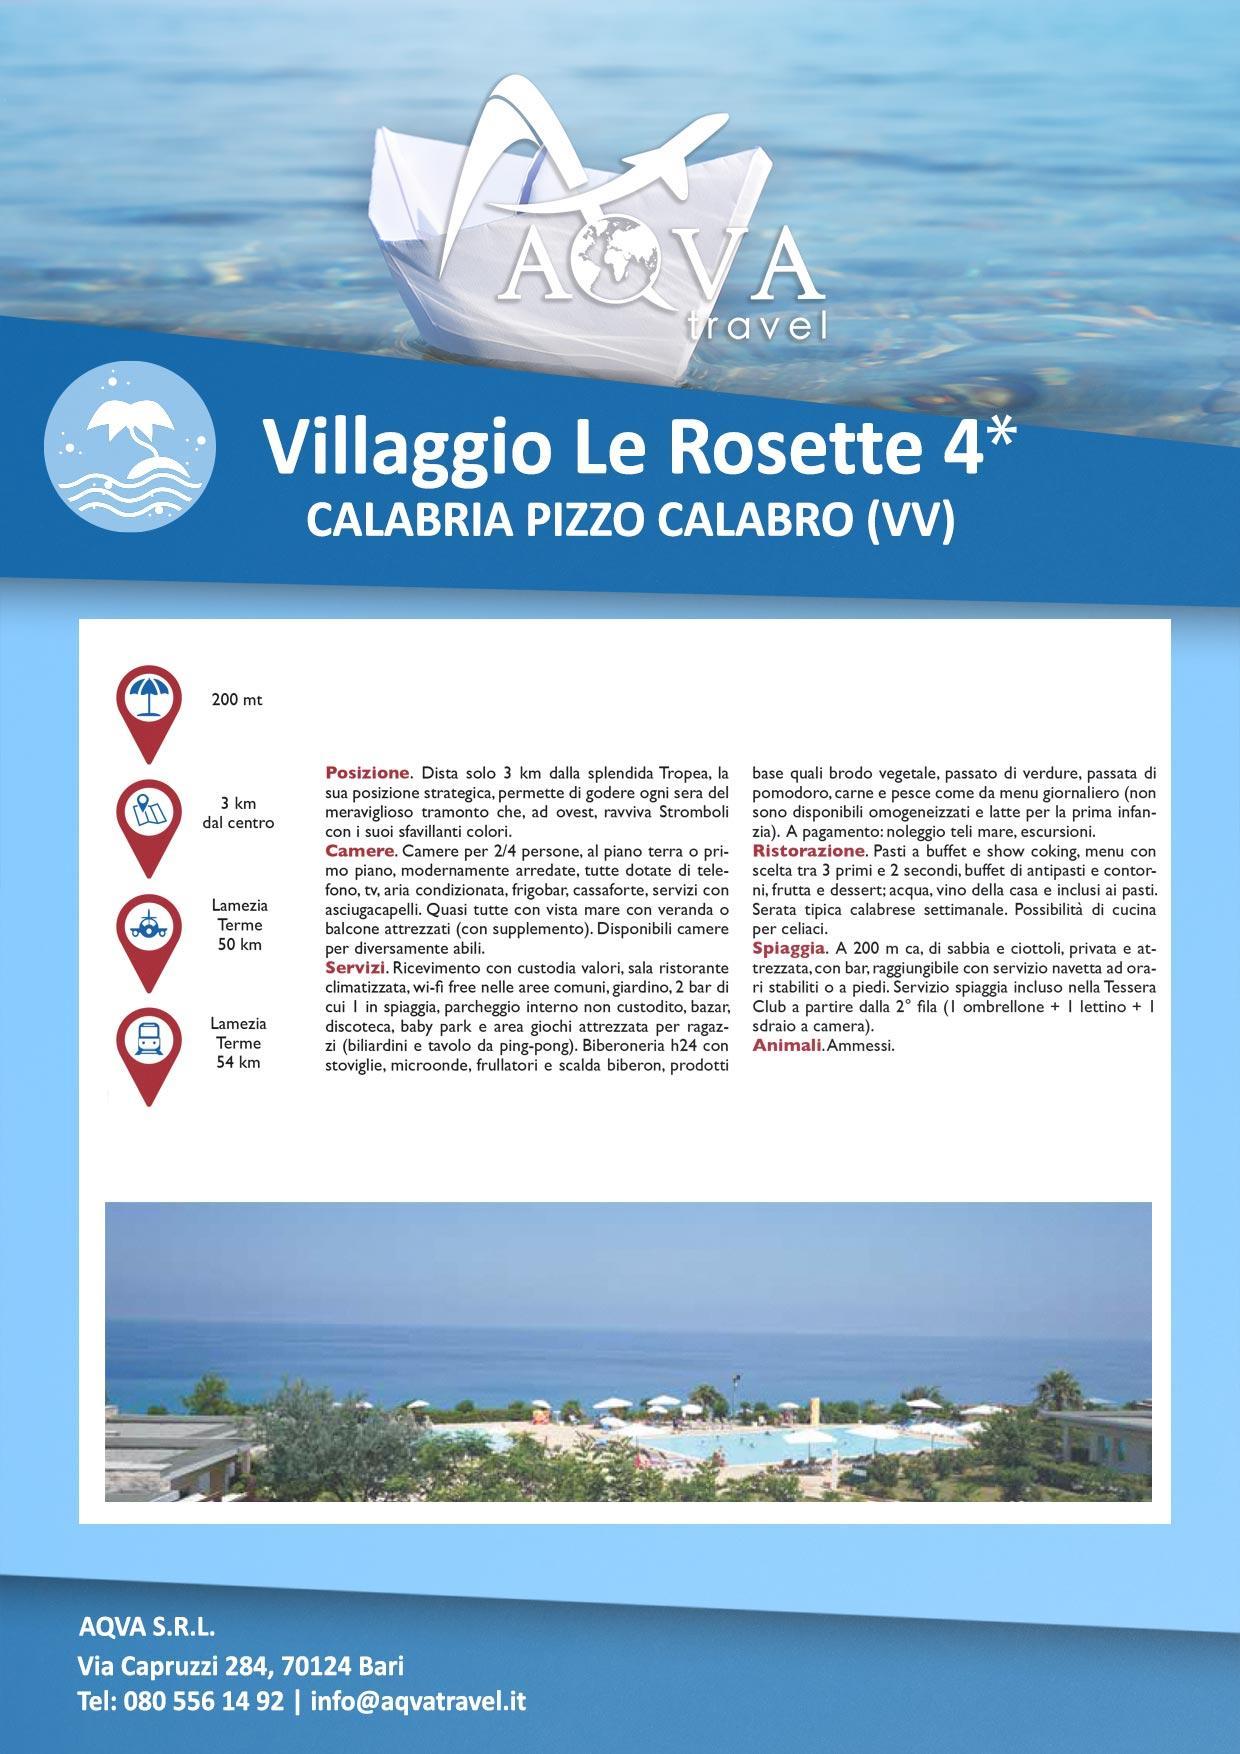 Villaggio-Le-Rosette--Mare-offerte-agenzia-di-viaggi-Bari-AQVATRAVEL-it